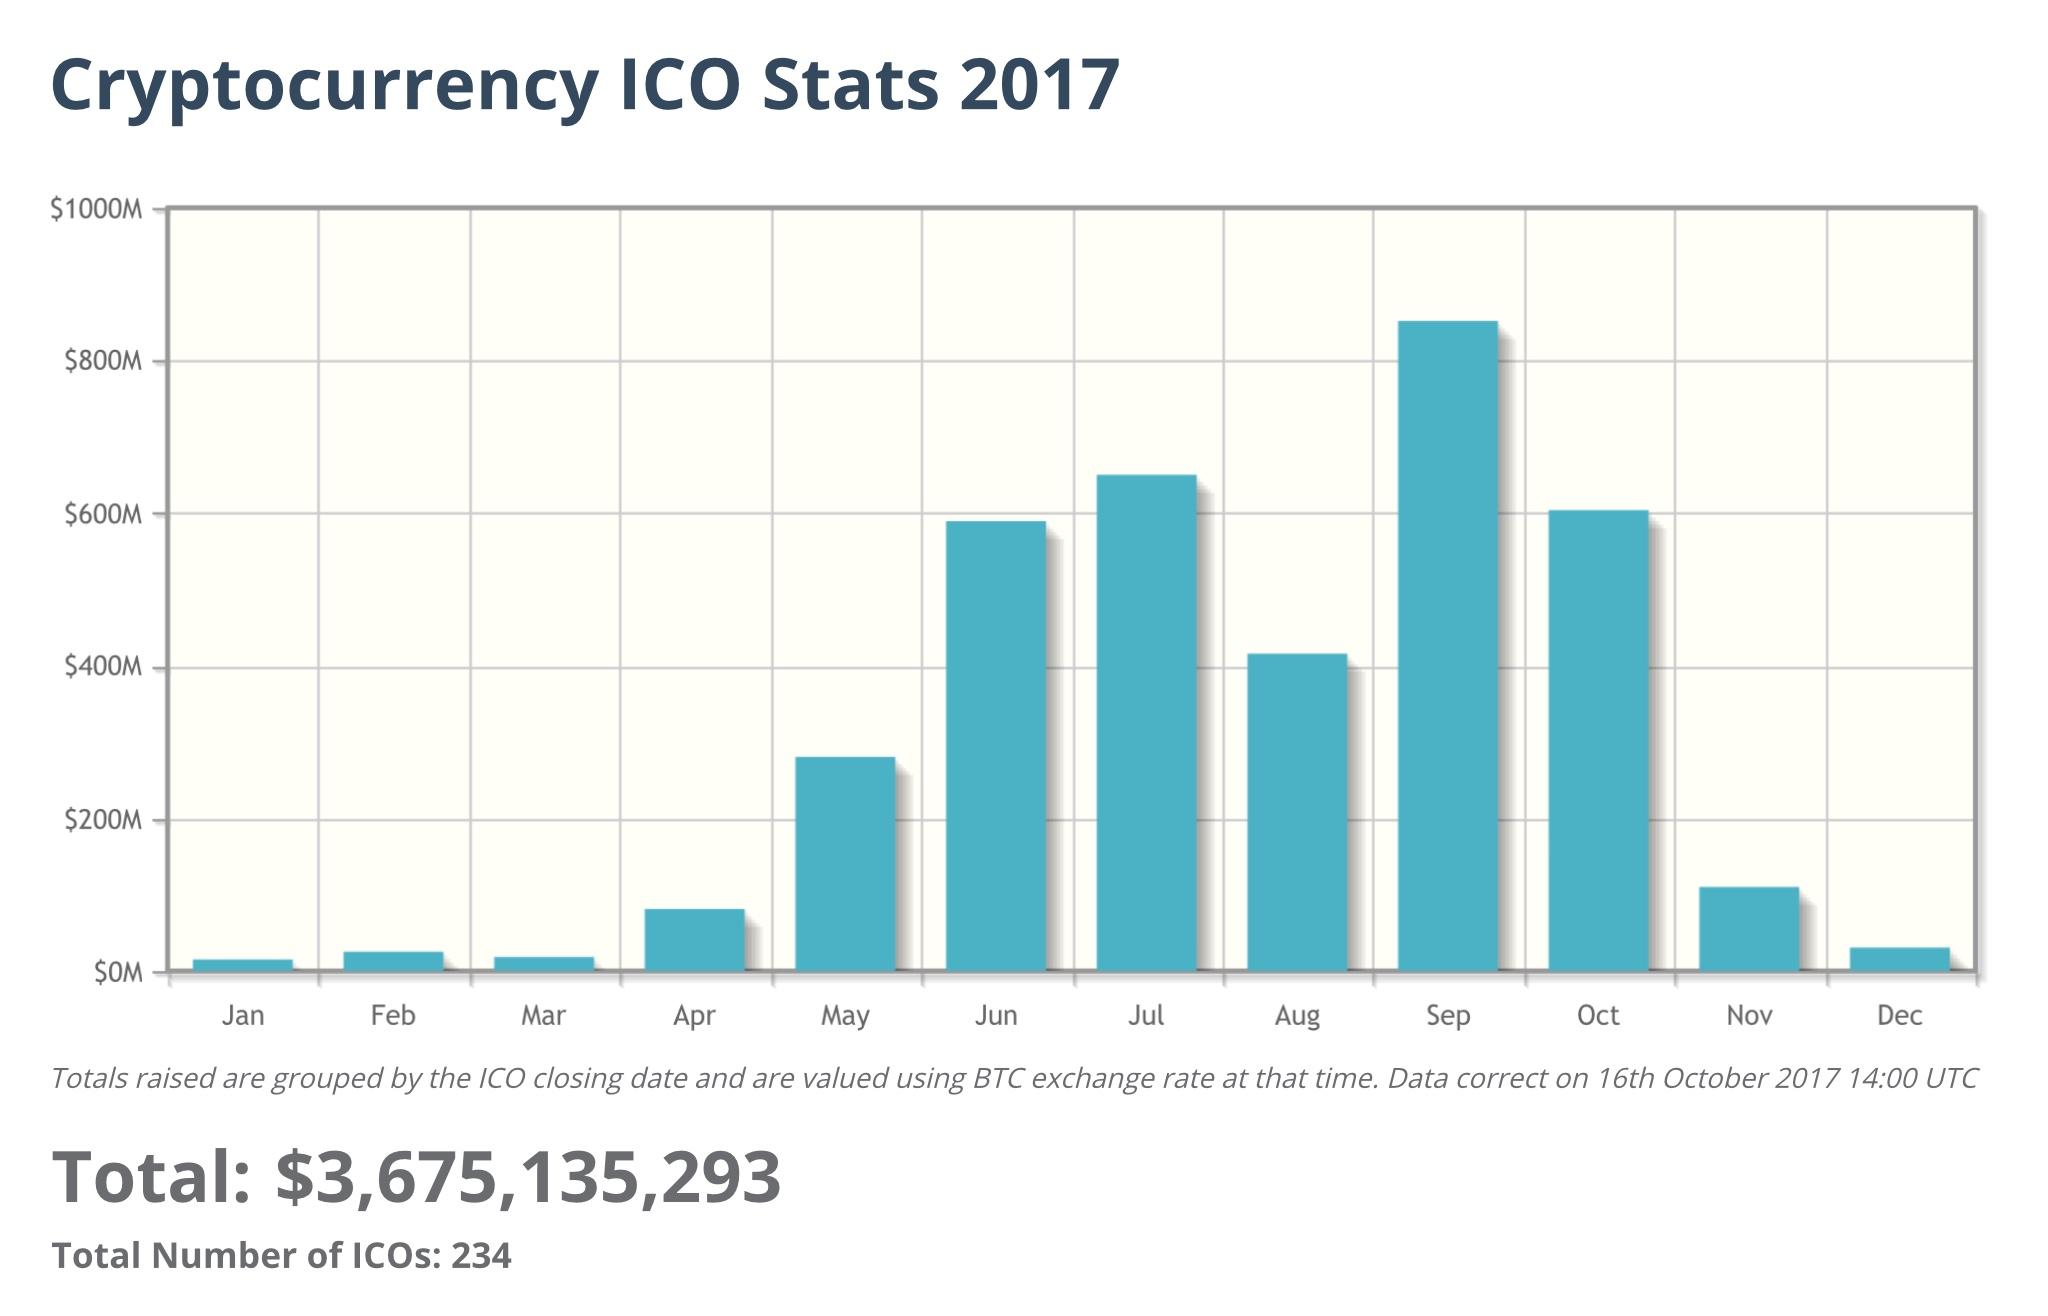 Эволюция ICO: от мелких вспышек к большому крипто-взрыву 2017-го